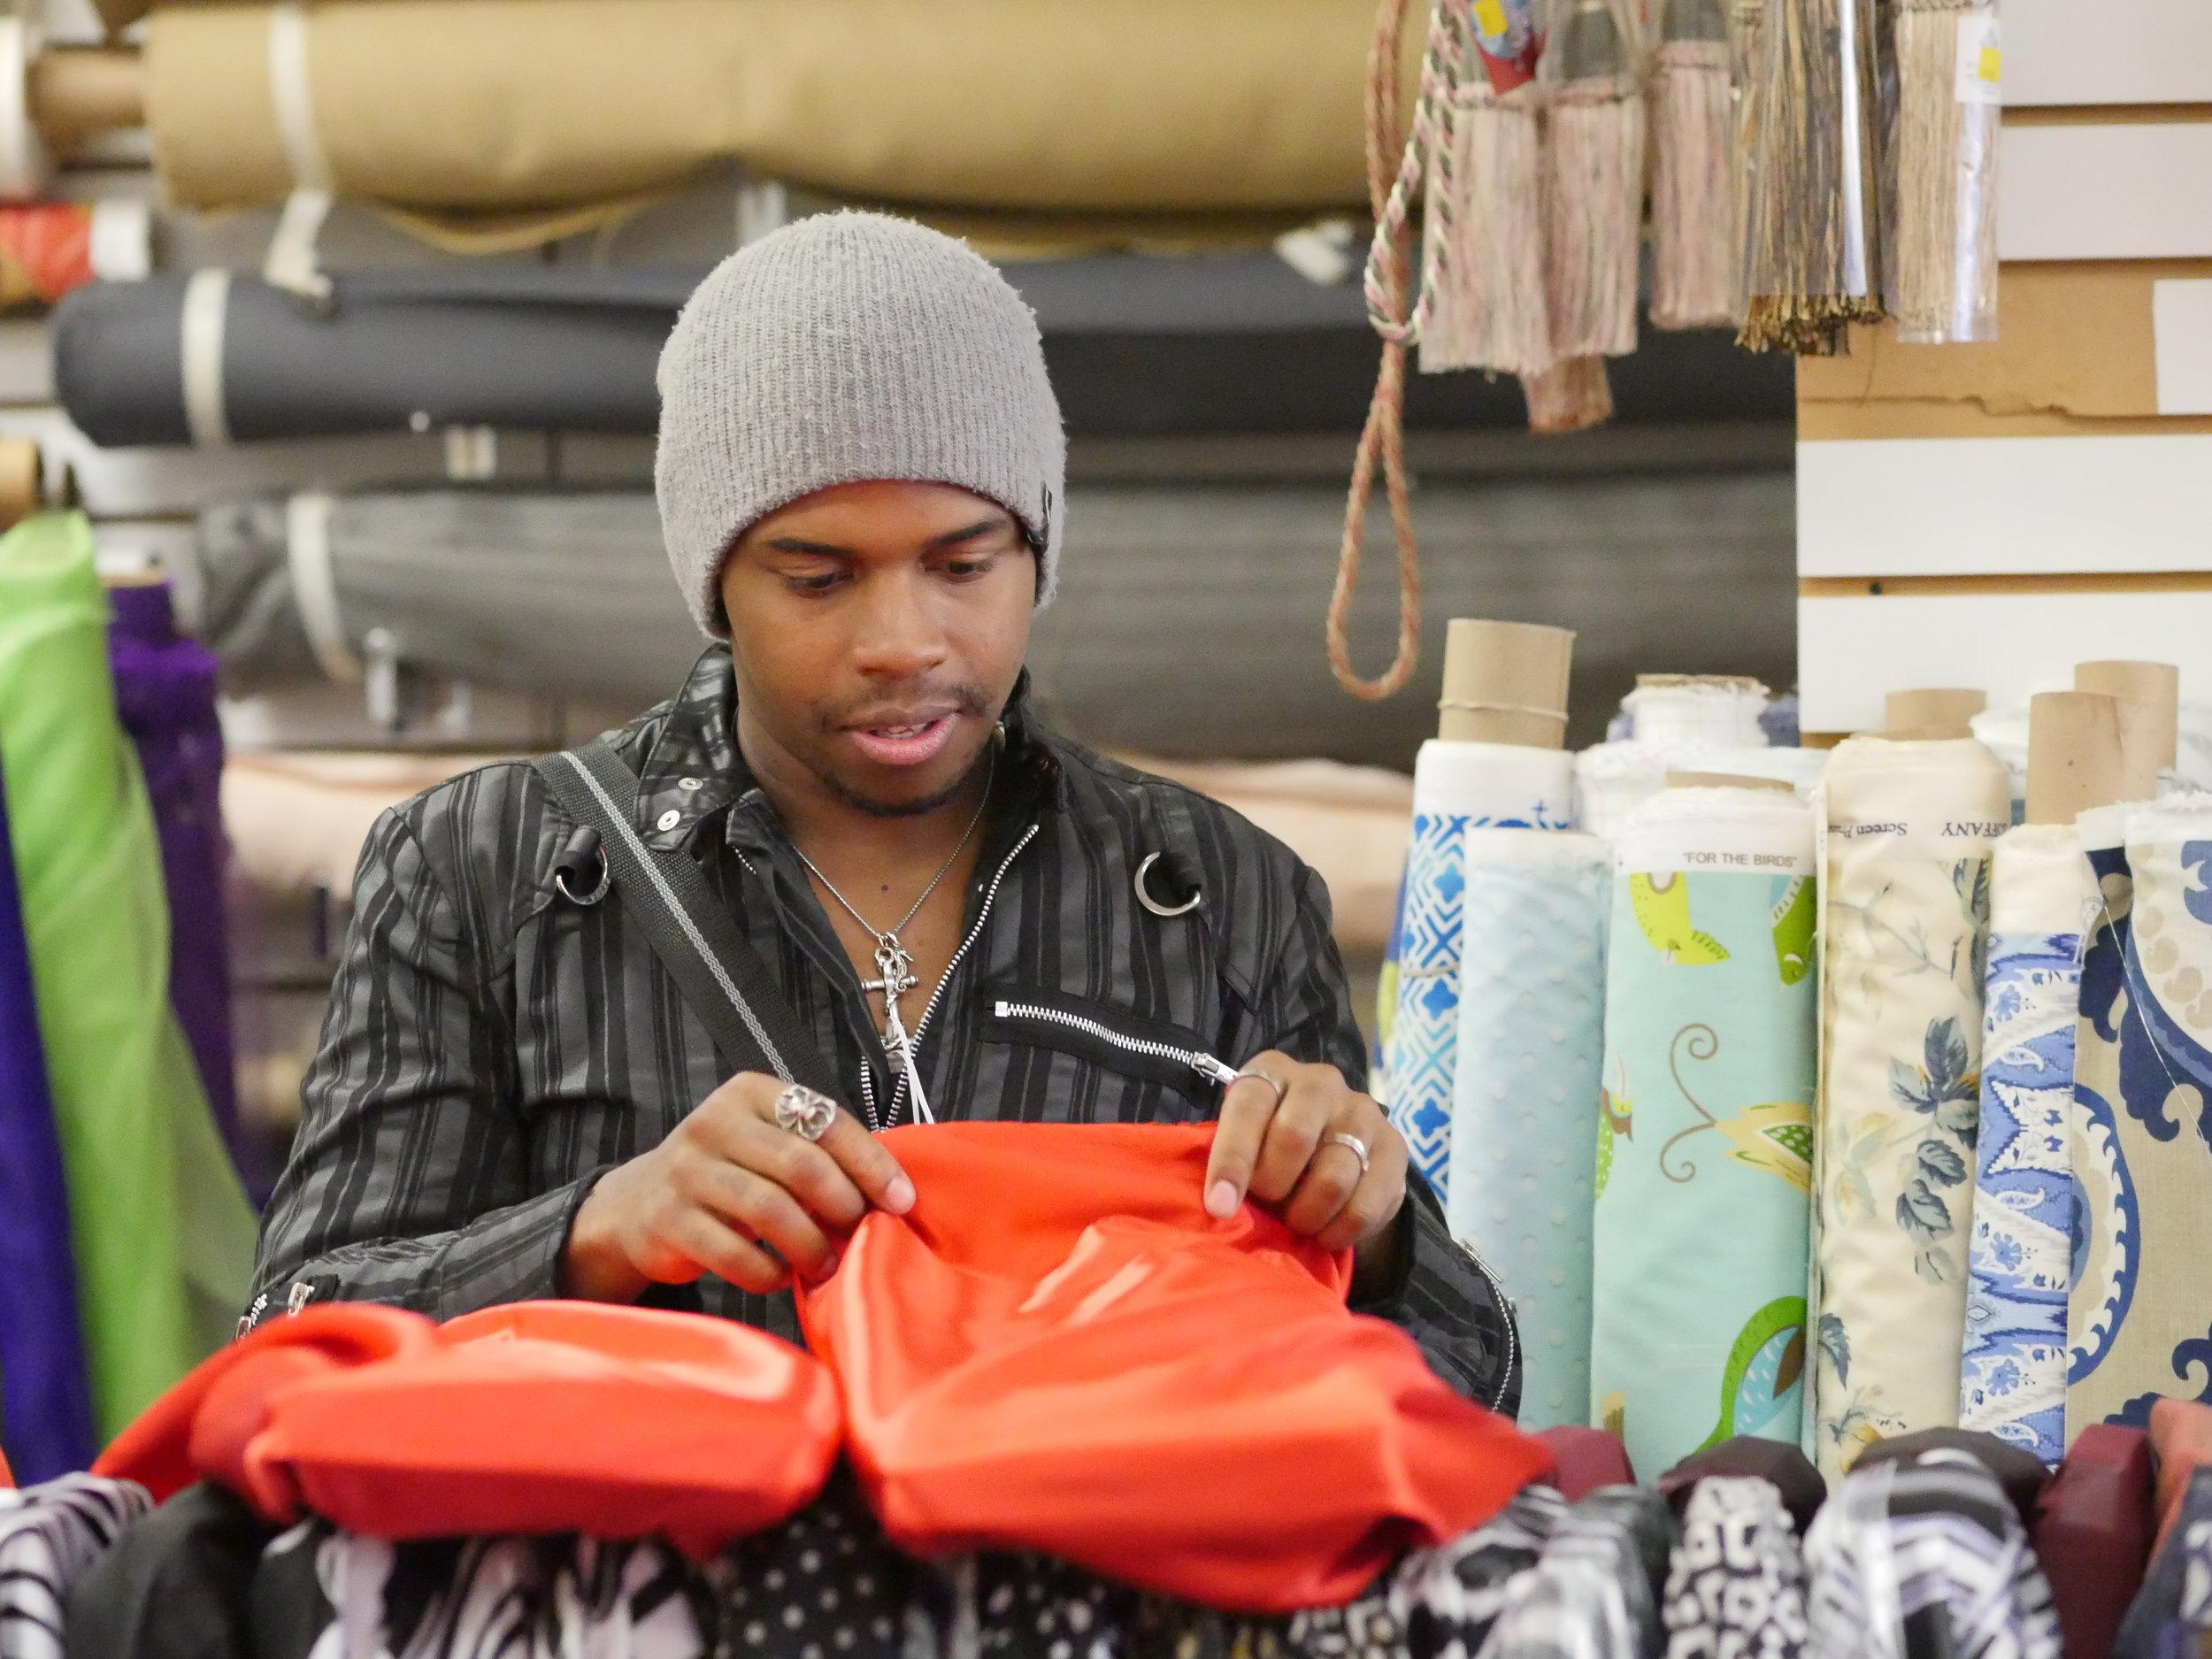 Fabric shopping. Photo by Anna Rae.